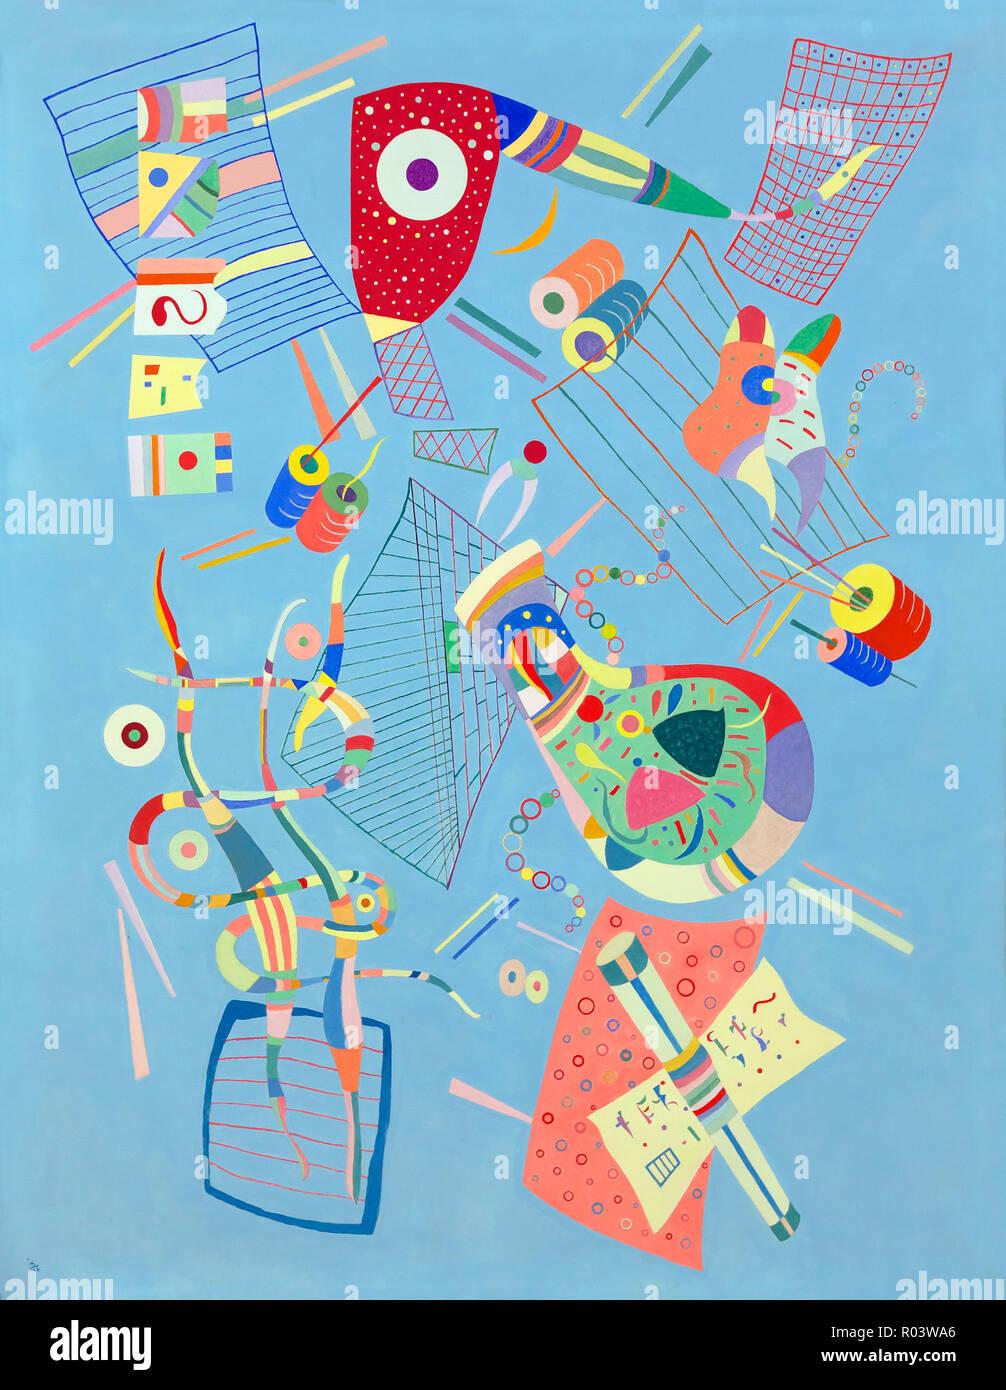 Serenity, Wassily Kandinsky, 1938, Zurich Kunsthaus, Zurich, Switzerland, Europe - Stock Image